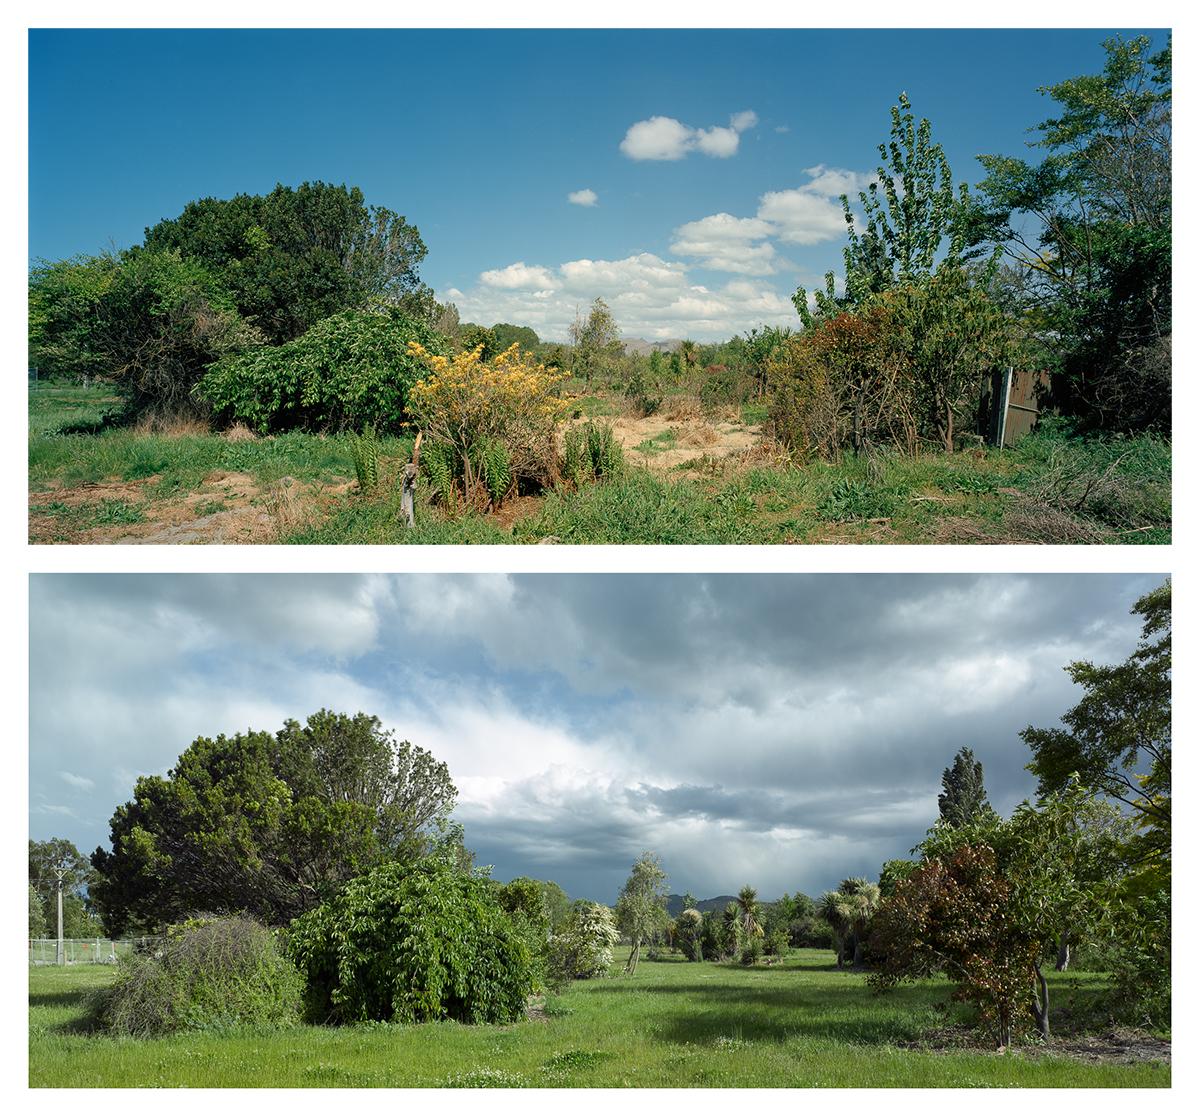 Keller St, Avonside, 2014 and 2016. Towards the Port Hills.